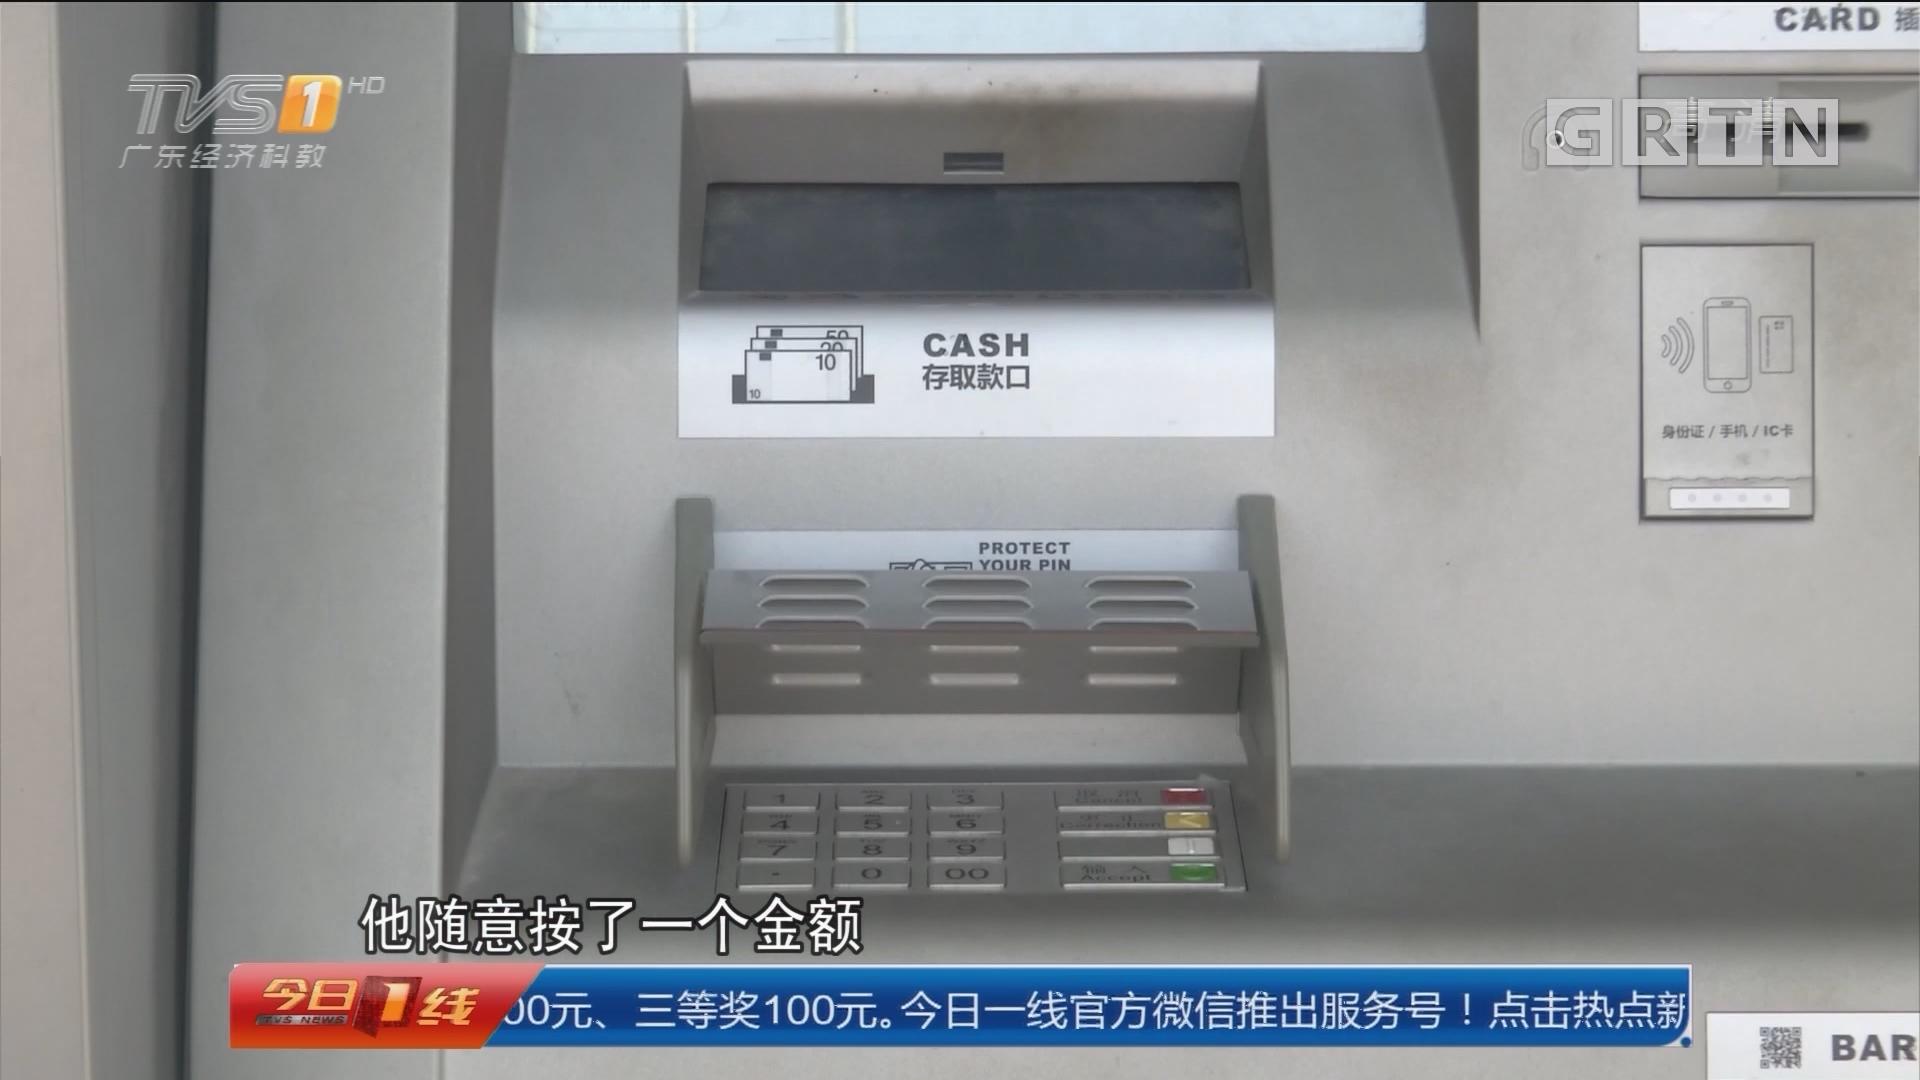 """系列专栏""""温度"""":深圳光明 ATM机器""""发福利""""?吐出5000块!"""